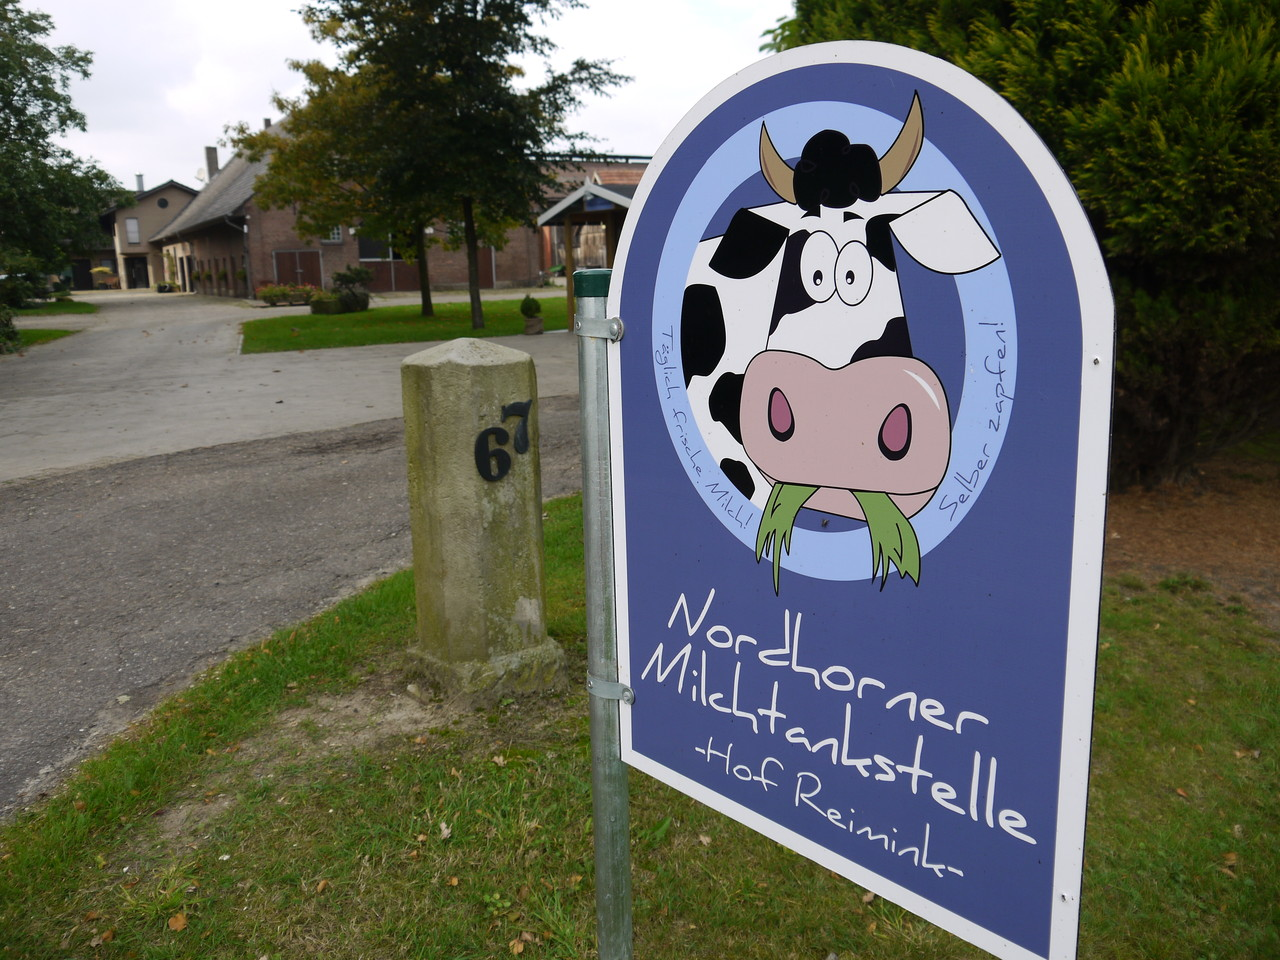 Klar erkennbar: Hier gehts zur Nordhorner Milchtankstelle - an der Wietmarscher Straße 67!